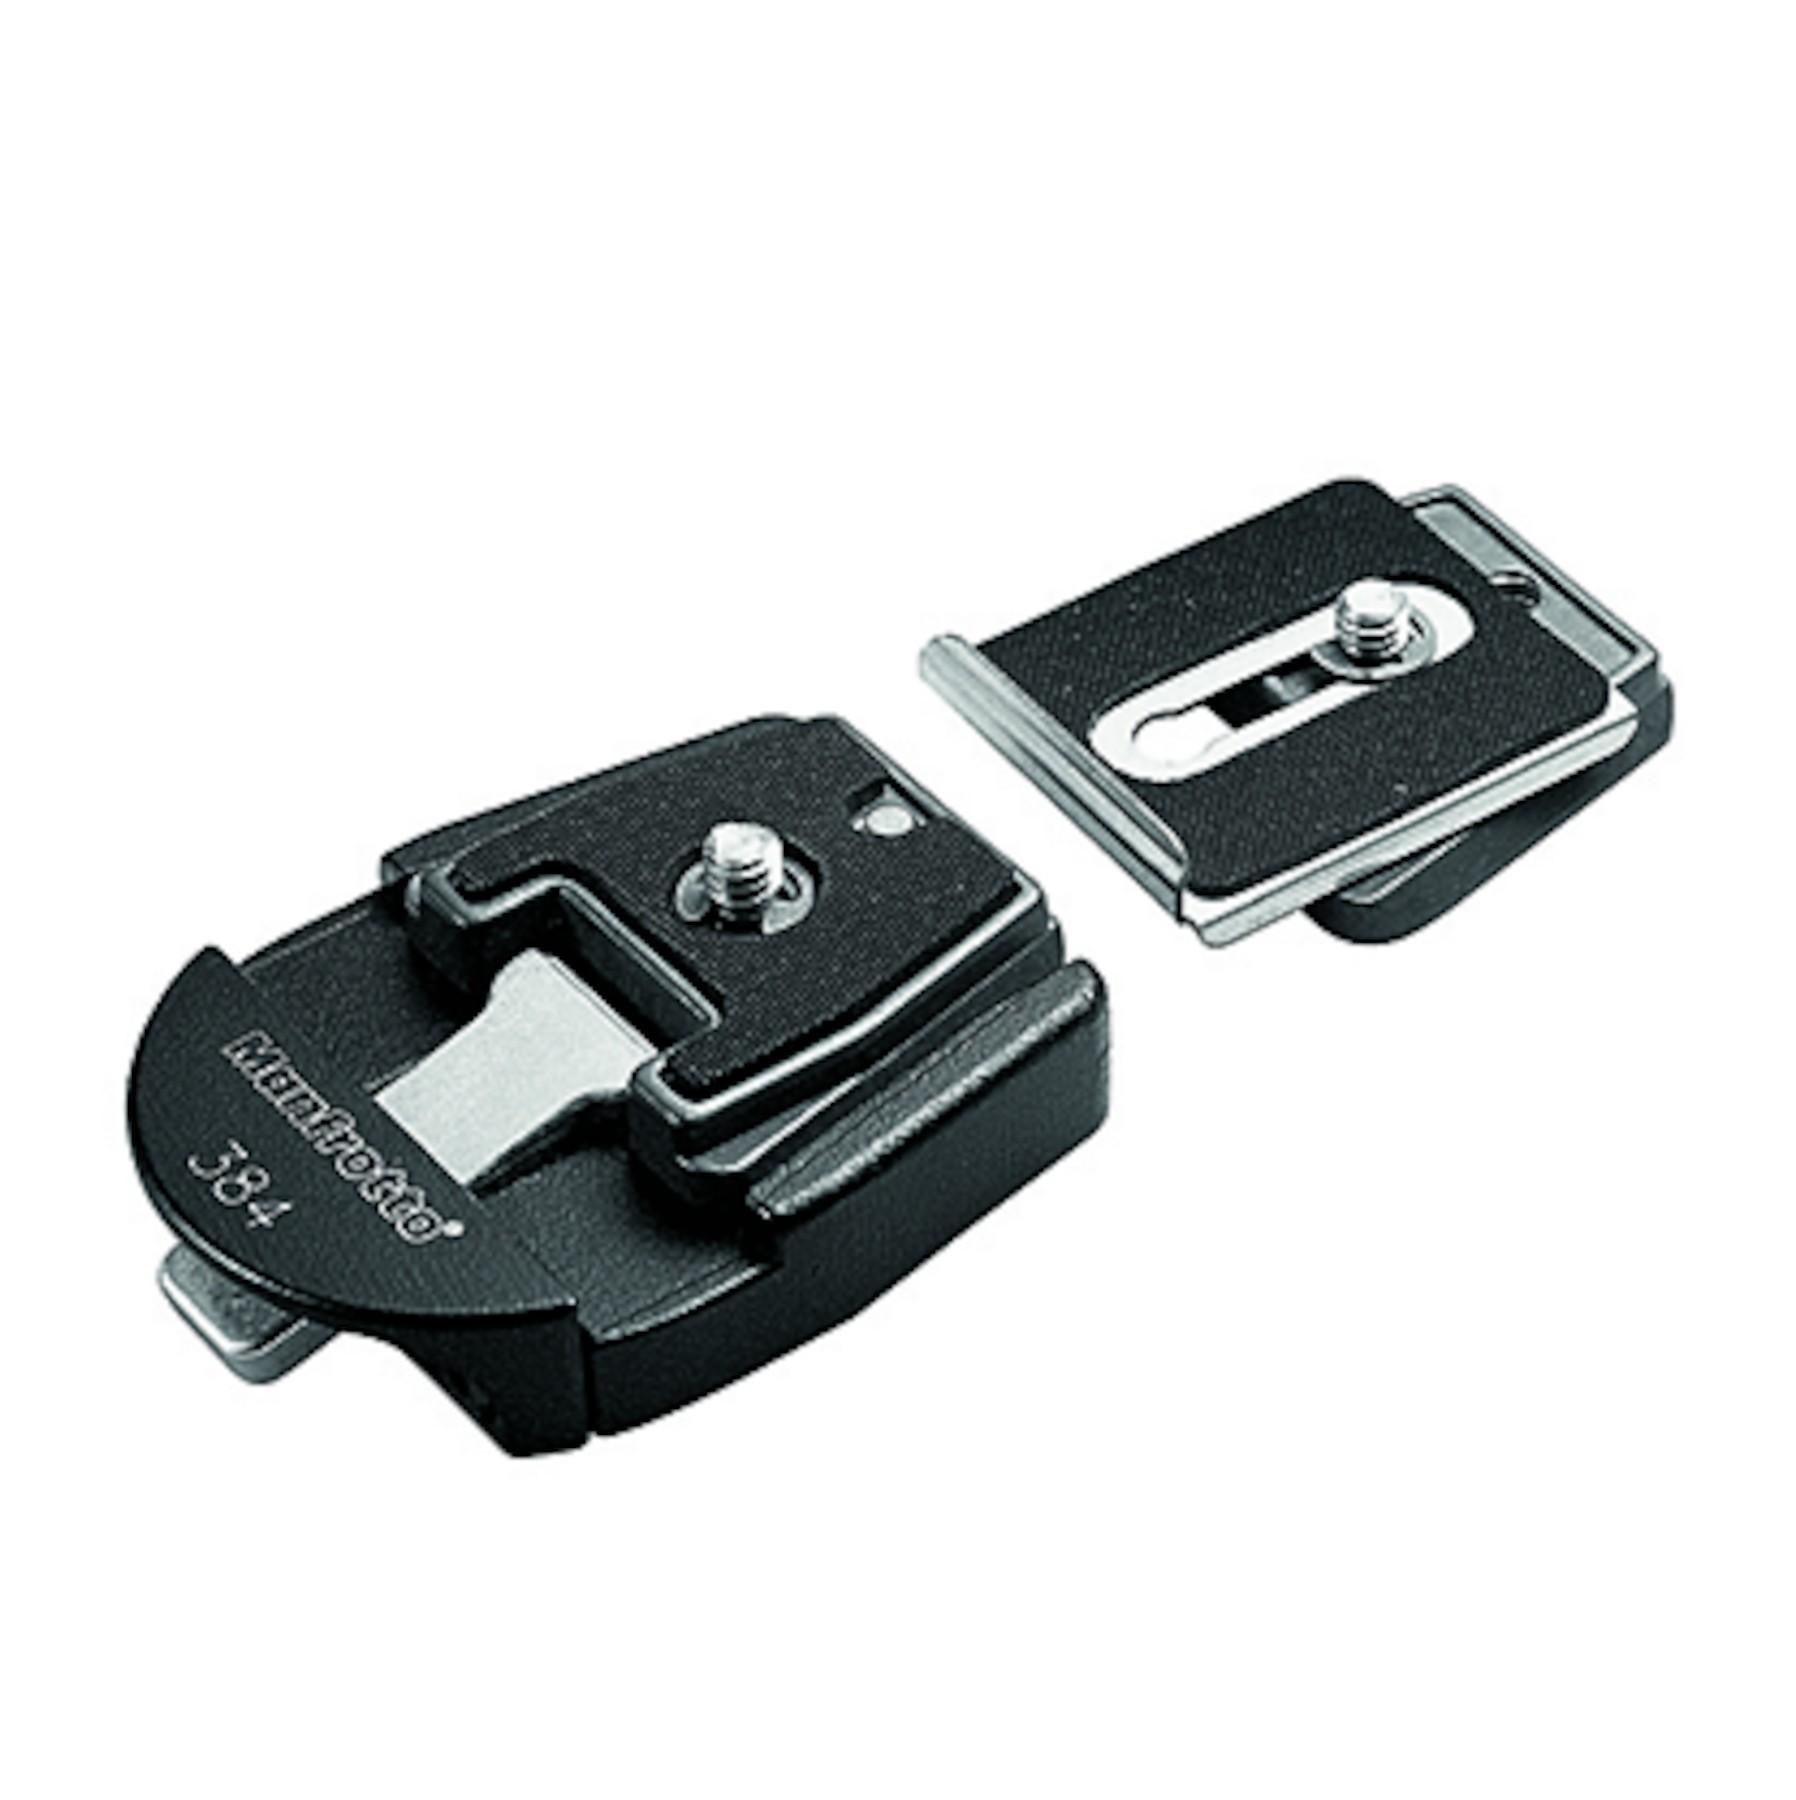 Manfrotto 384 - adapter do płytek trapezowych Manfrotto 384 - adapter do płytek trapezowych